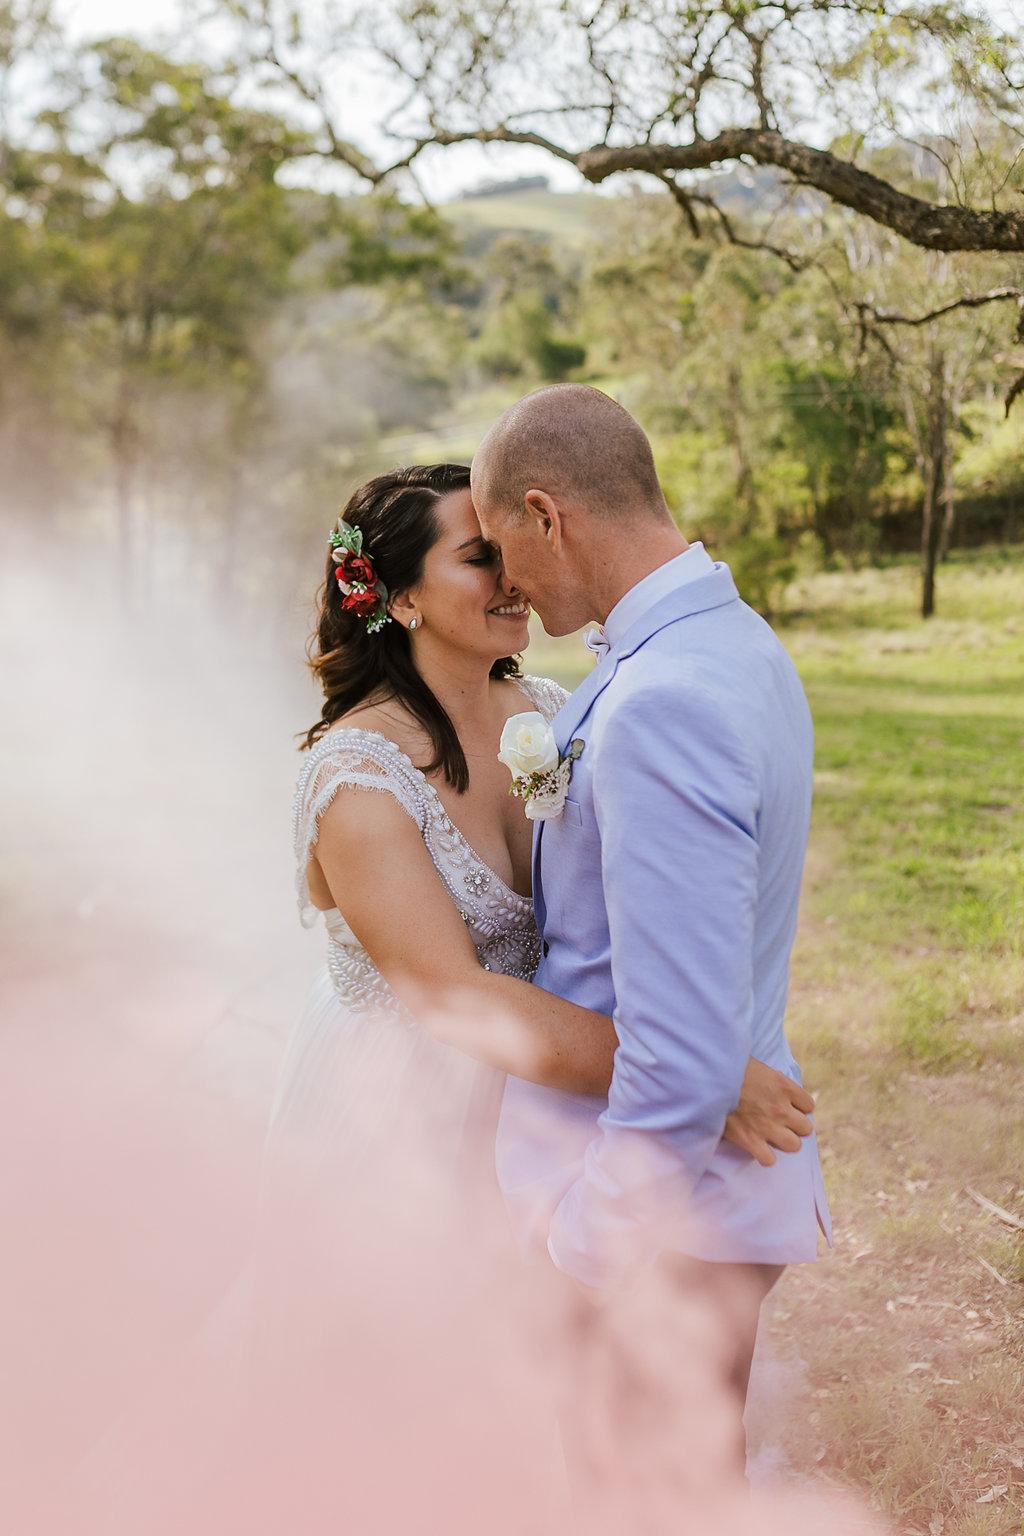 shanna-josh-wynella-estate-wedding-finals-hunter-valley-gez-xavier-mansfield-wedding-photography-2018-631.jpg